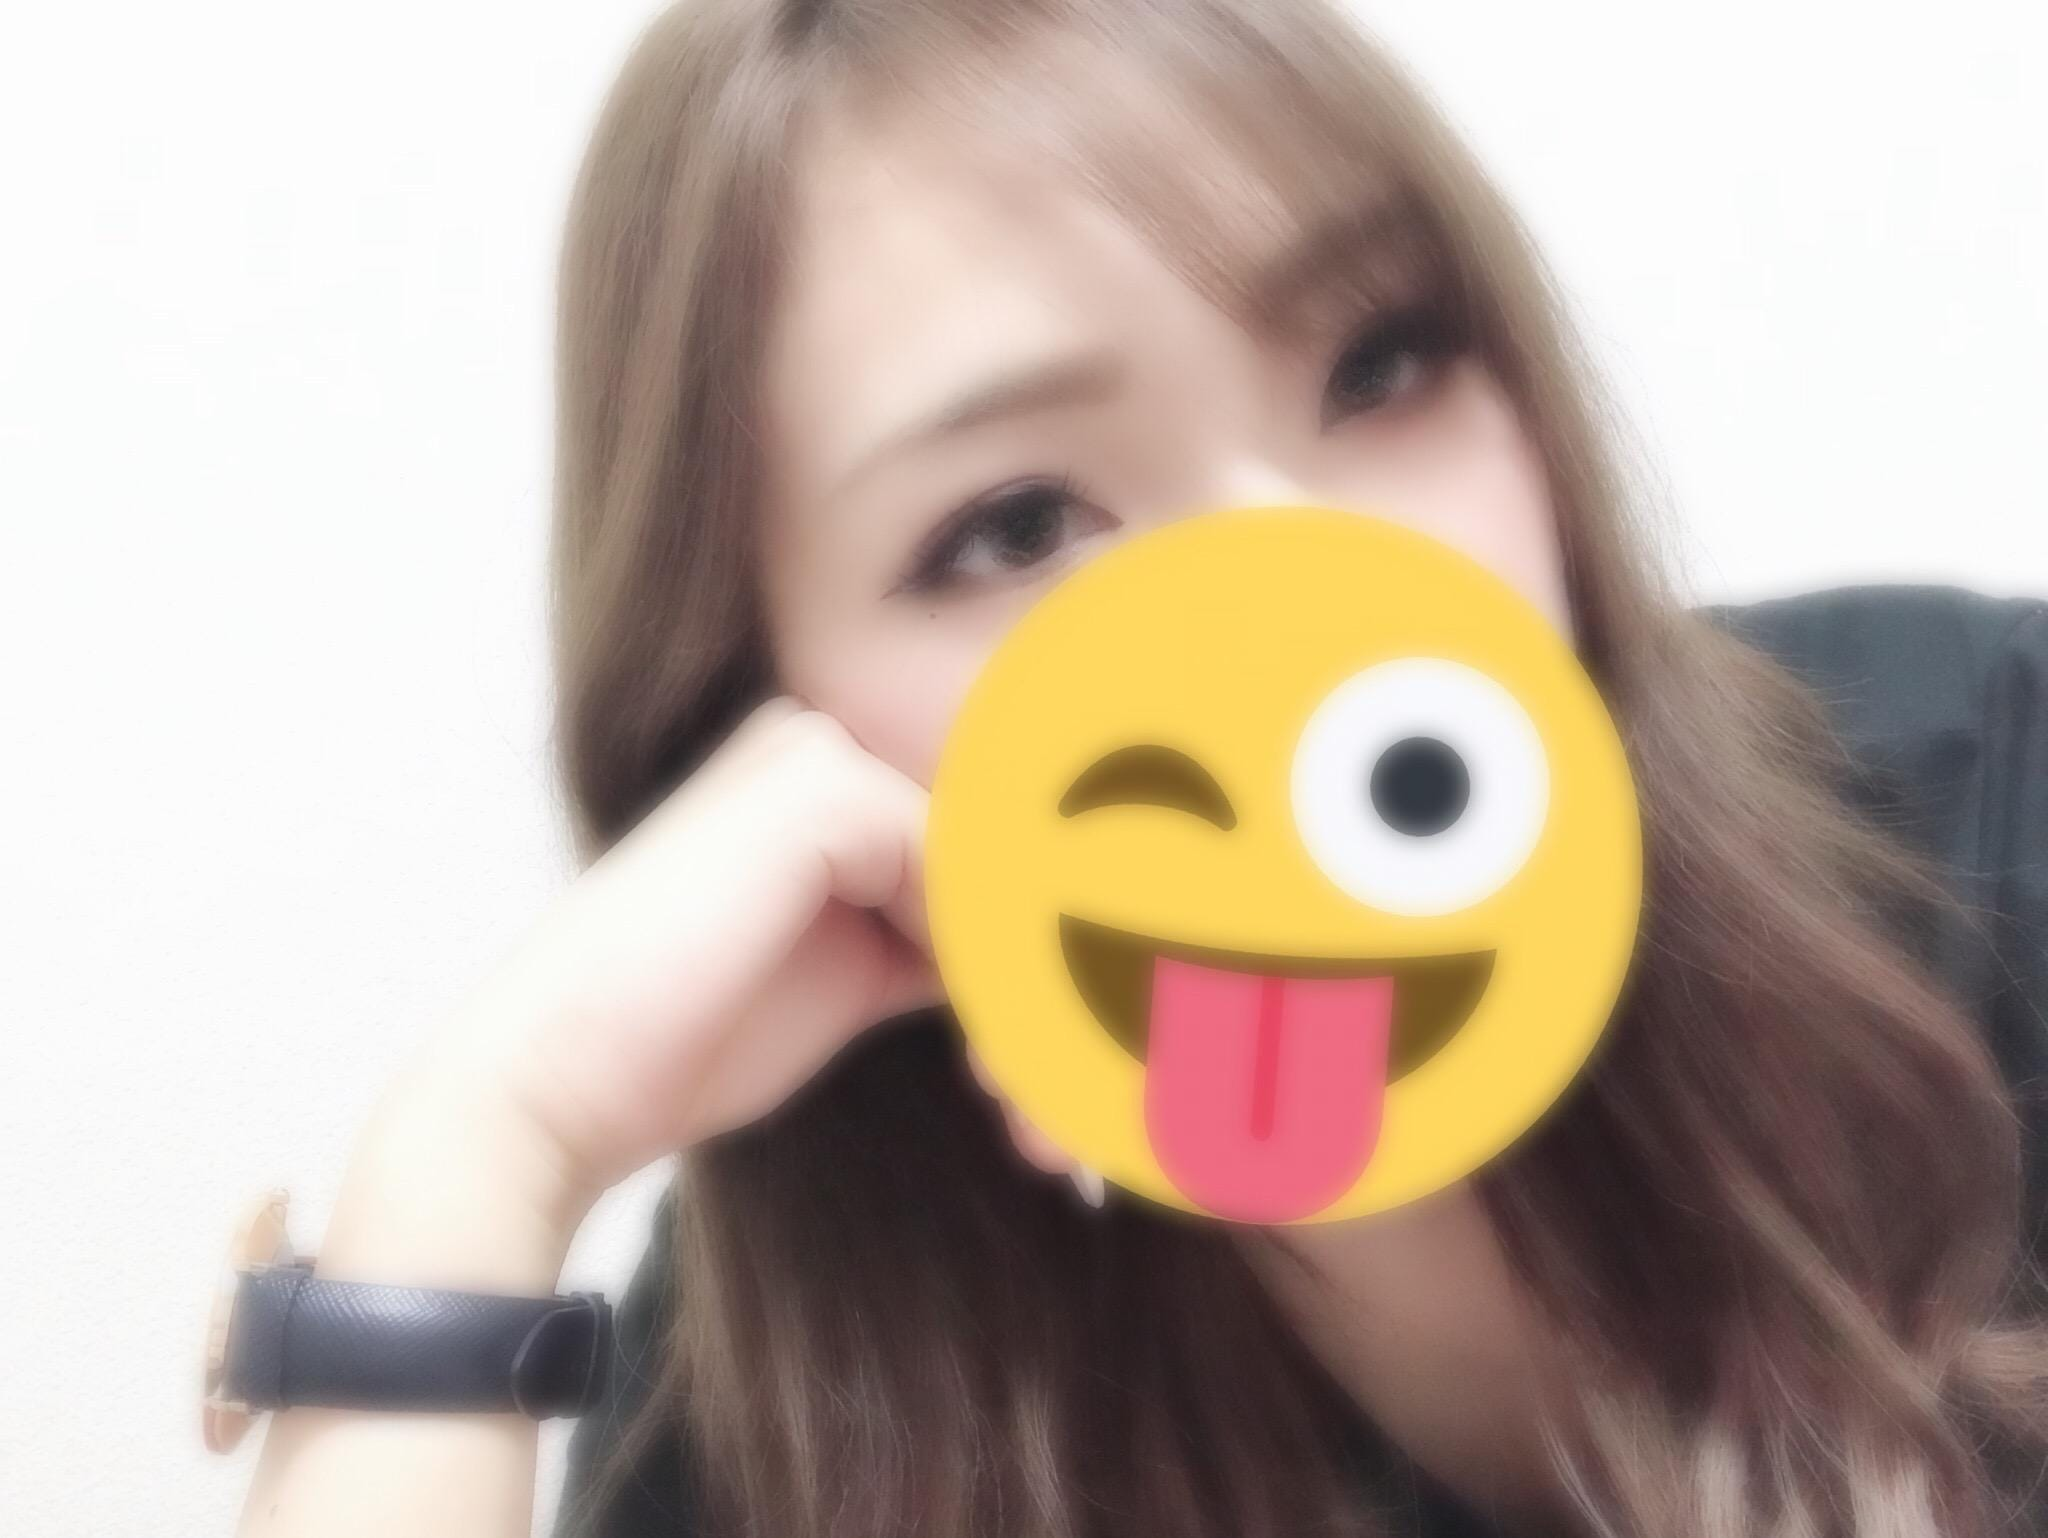 「おはようございます(o'ч'o)」07/12(07/12) 14:09 | こころの写メ・風俗動画